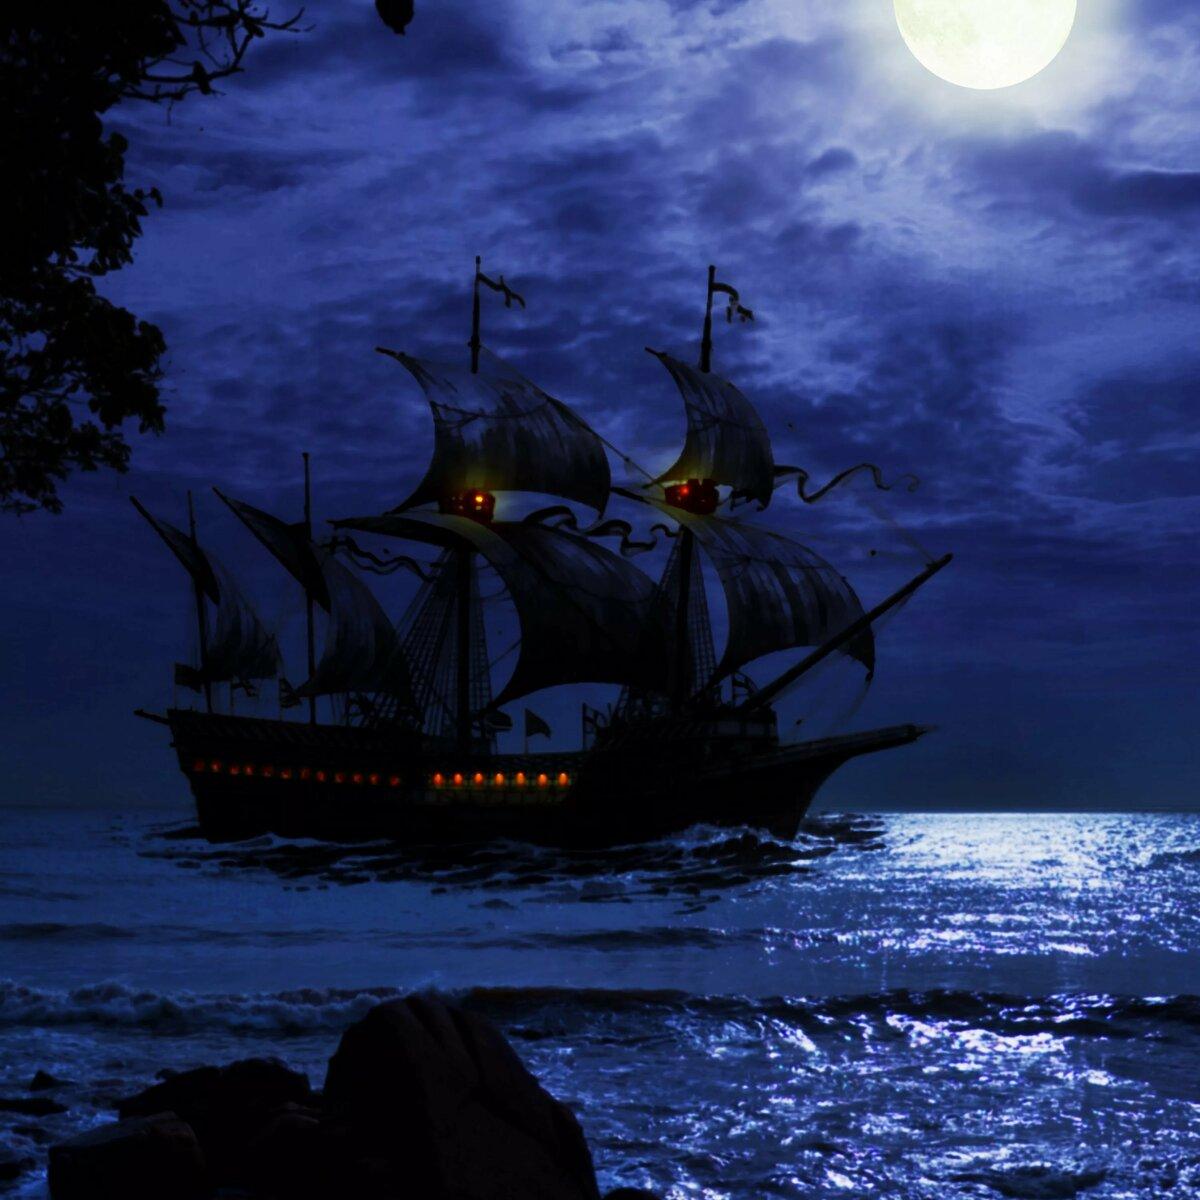 можно пиратские корабли фото картинки фэнтези шторы